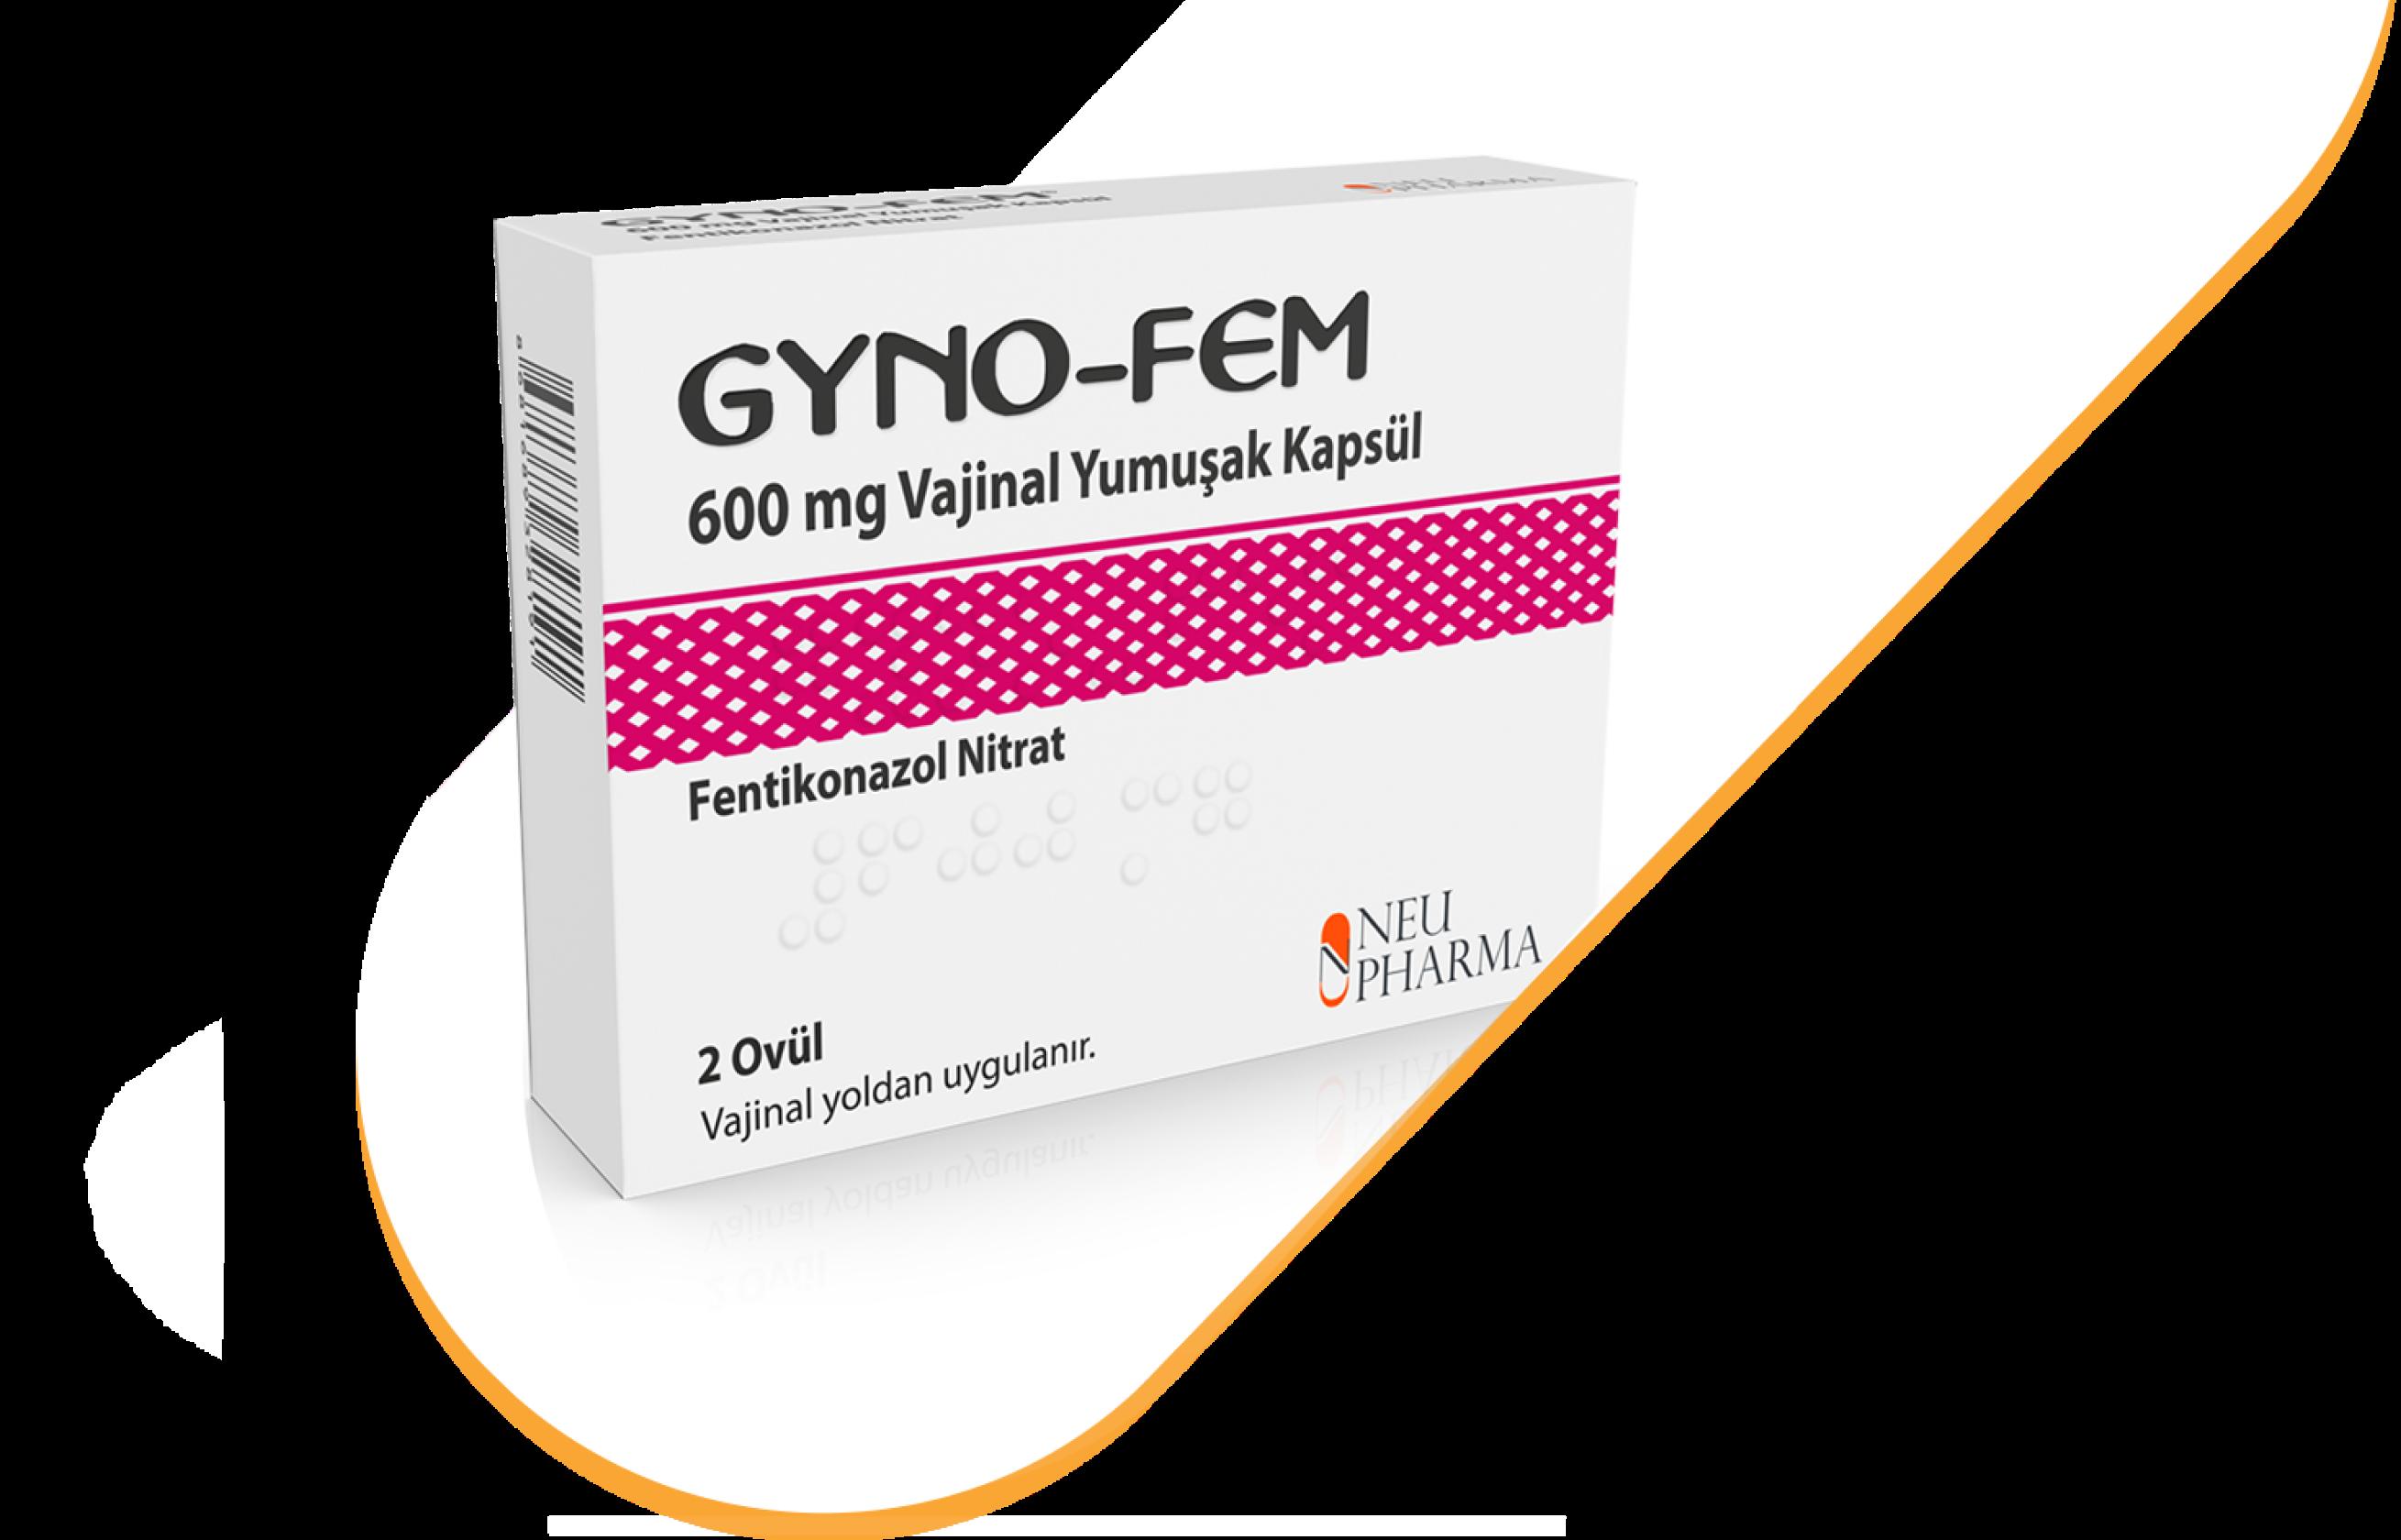 Gyno-Fem